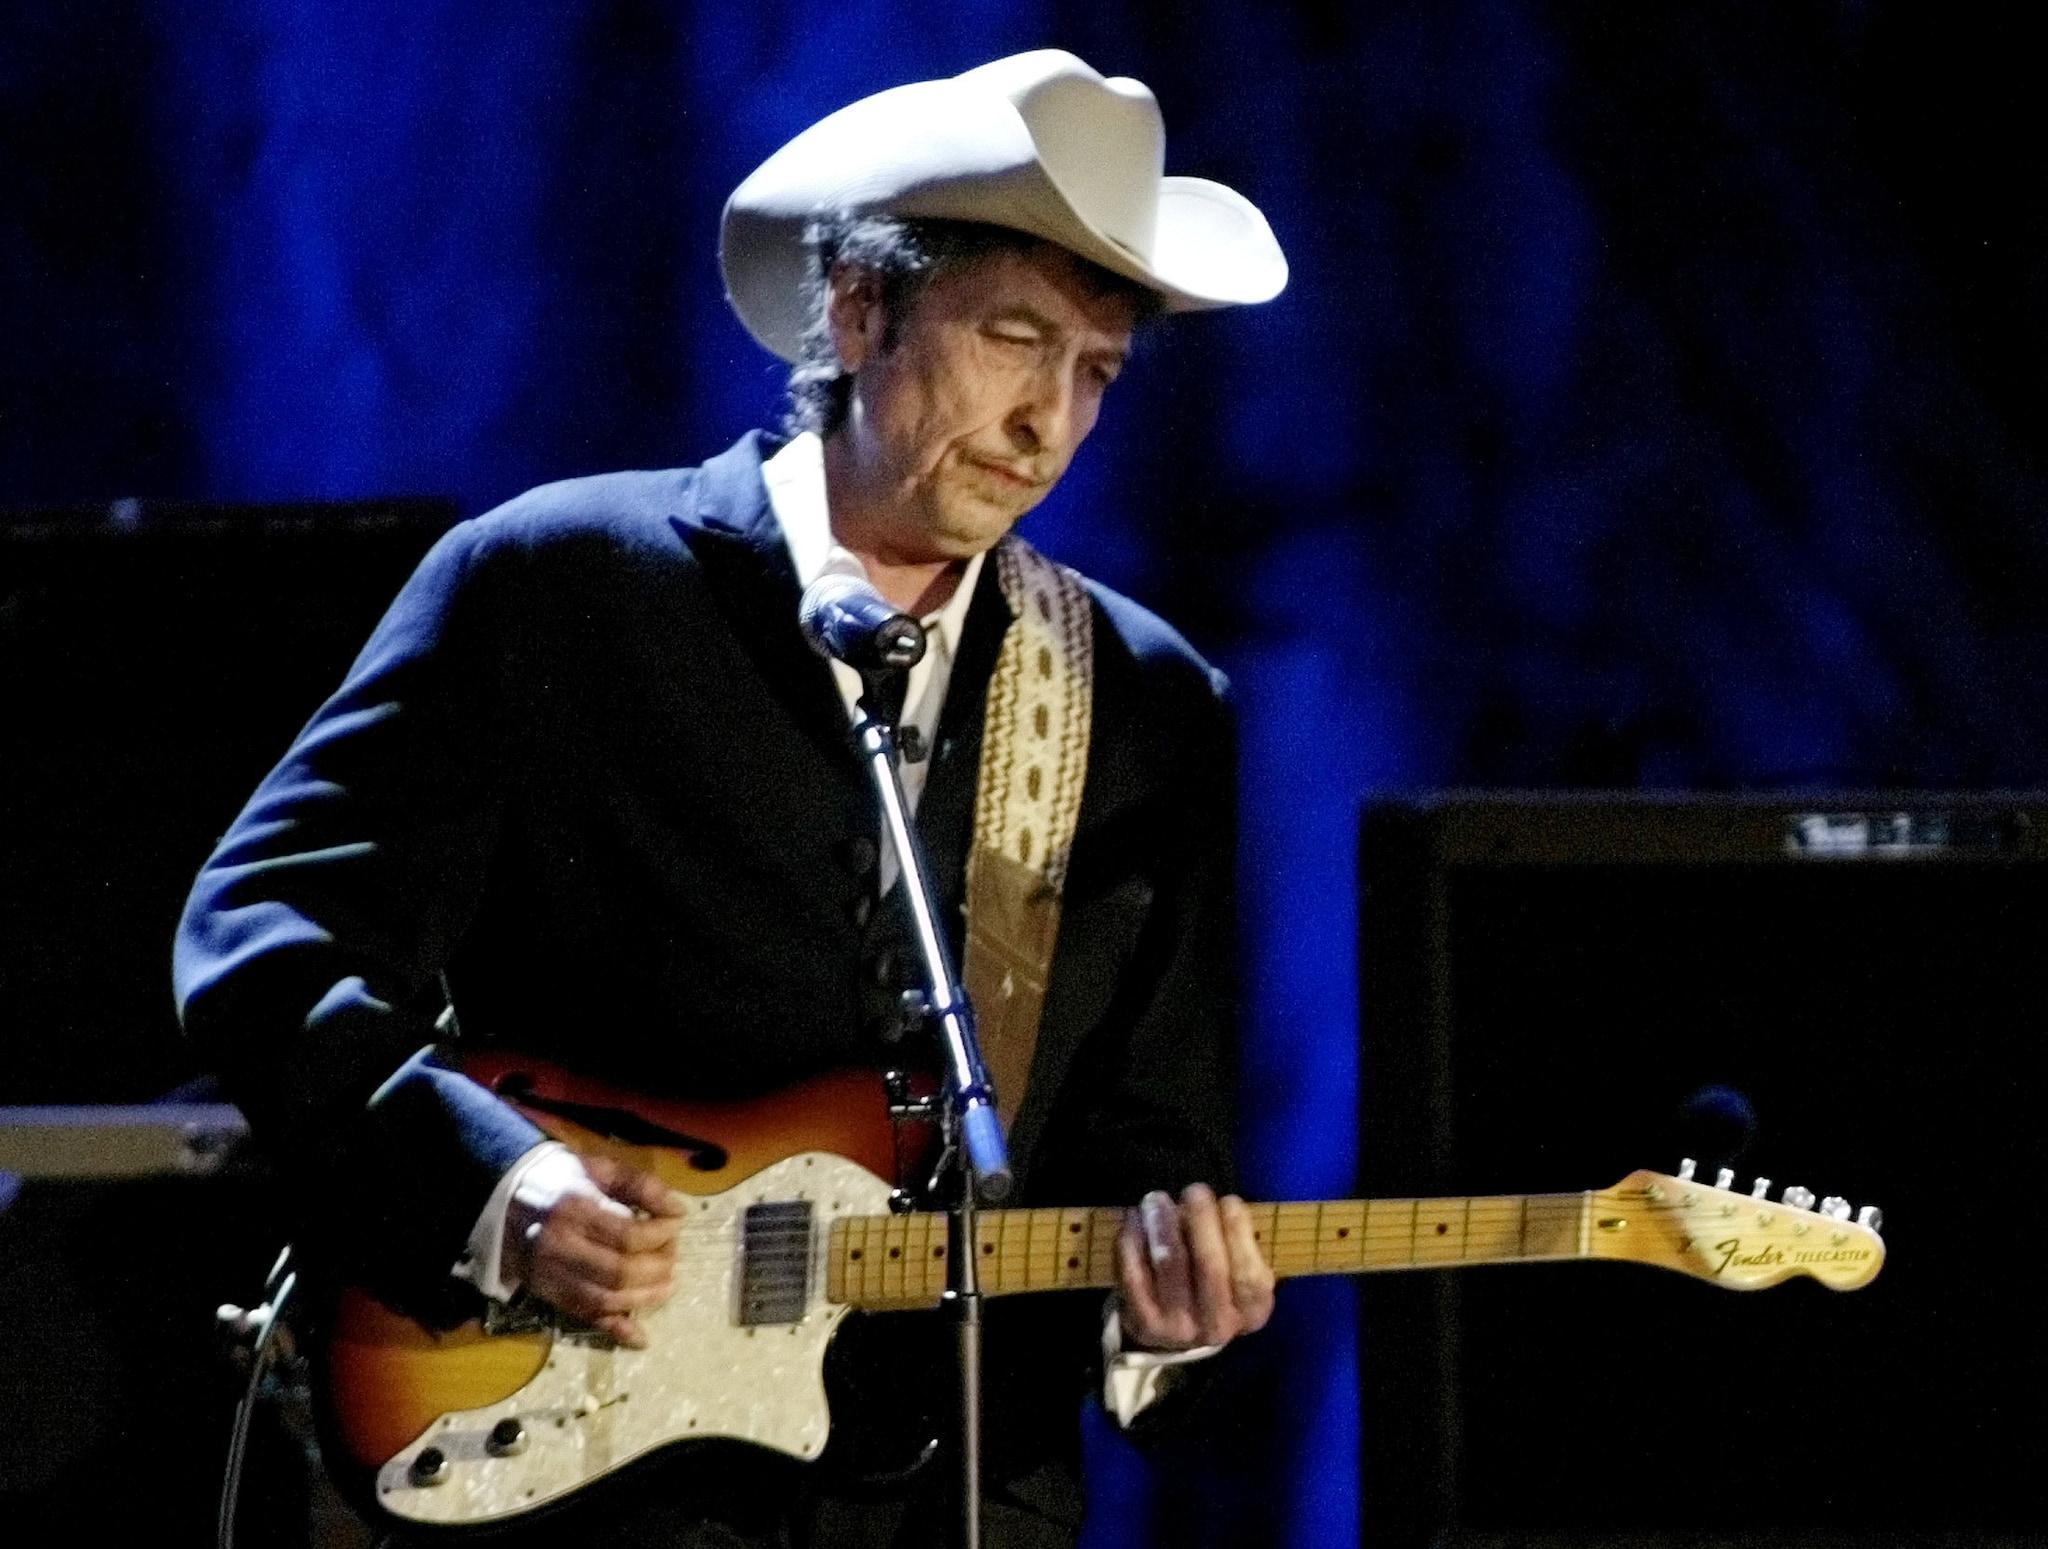 Premio Nobel 2016: assegnazione per la letteratura a Bob Dylan